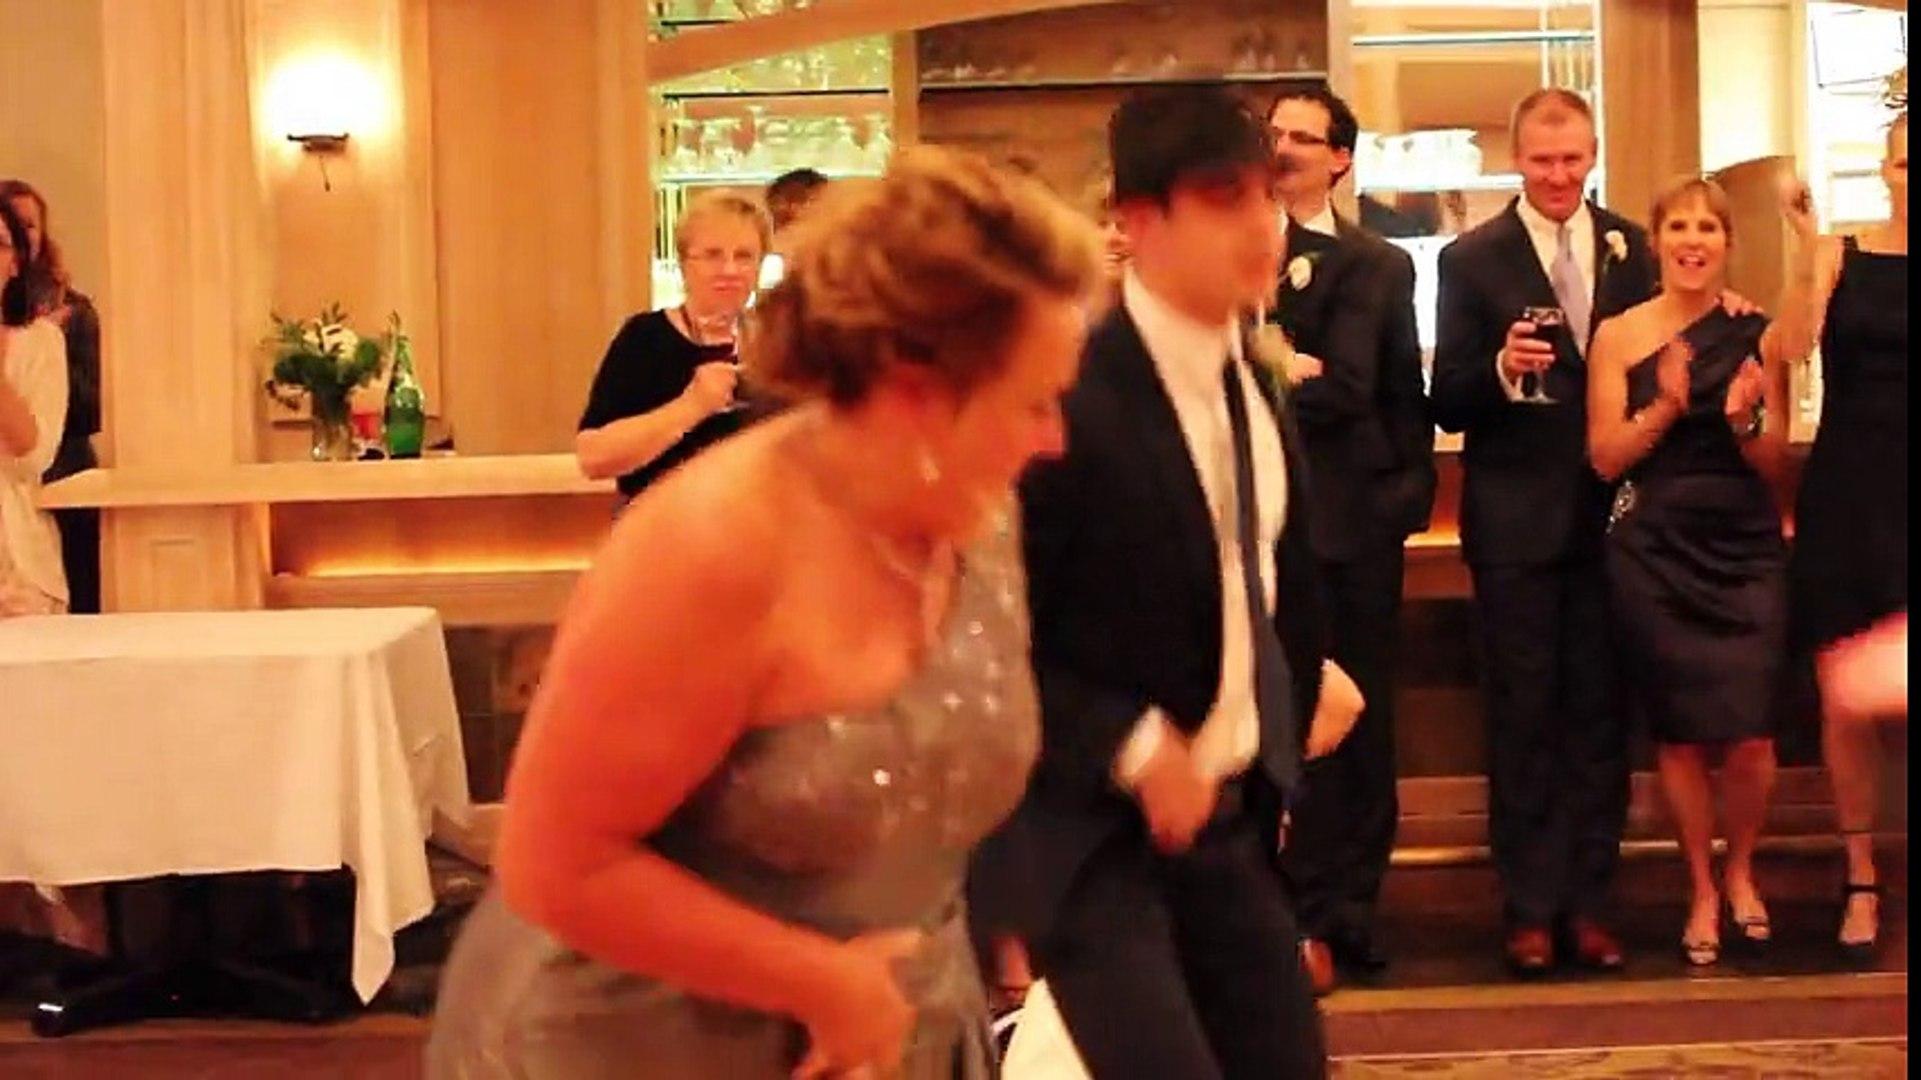 La mère invite le marié à danser avec elle... Leur show est fantastique !